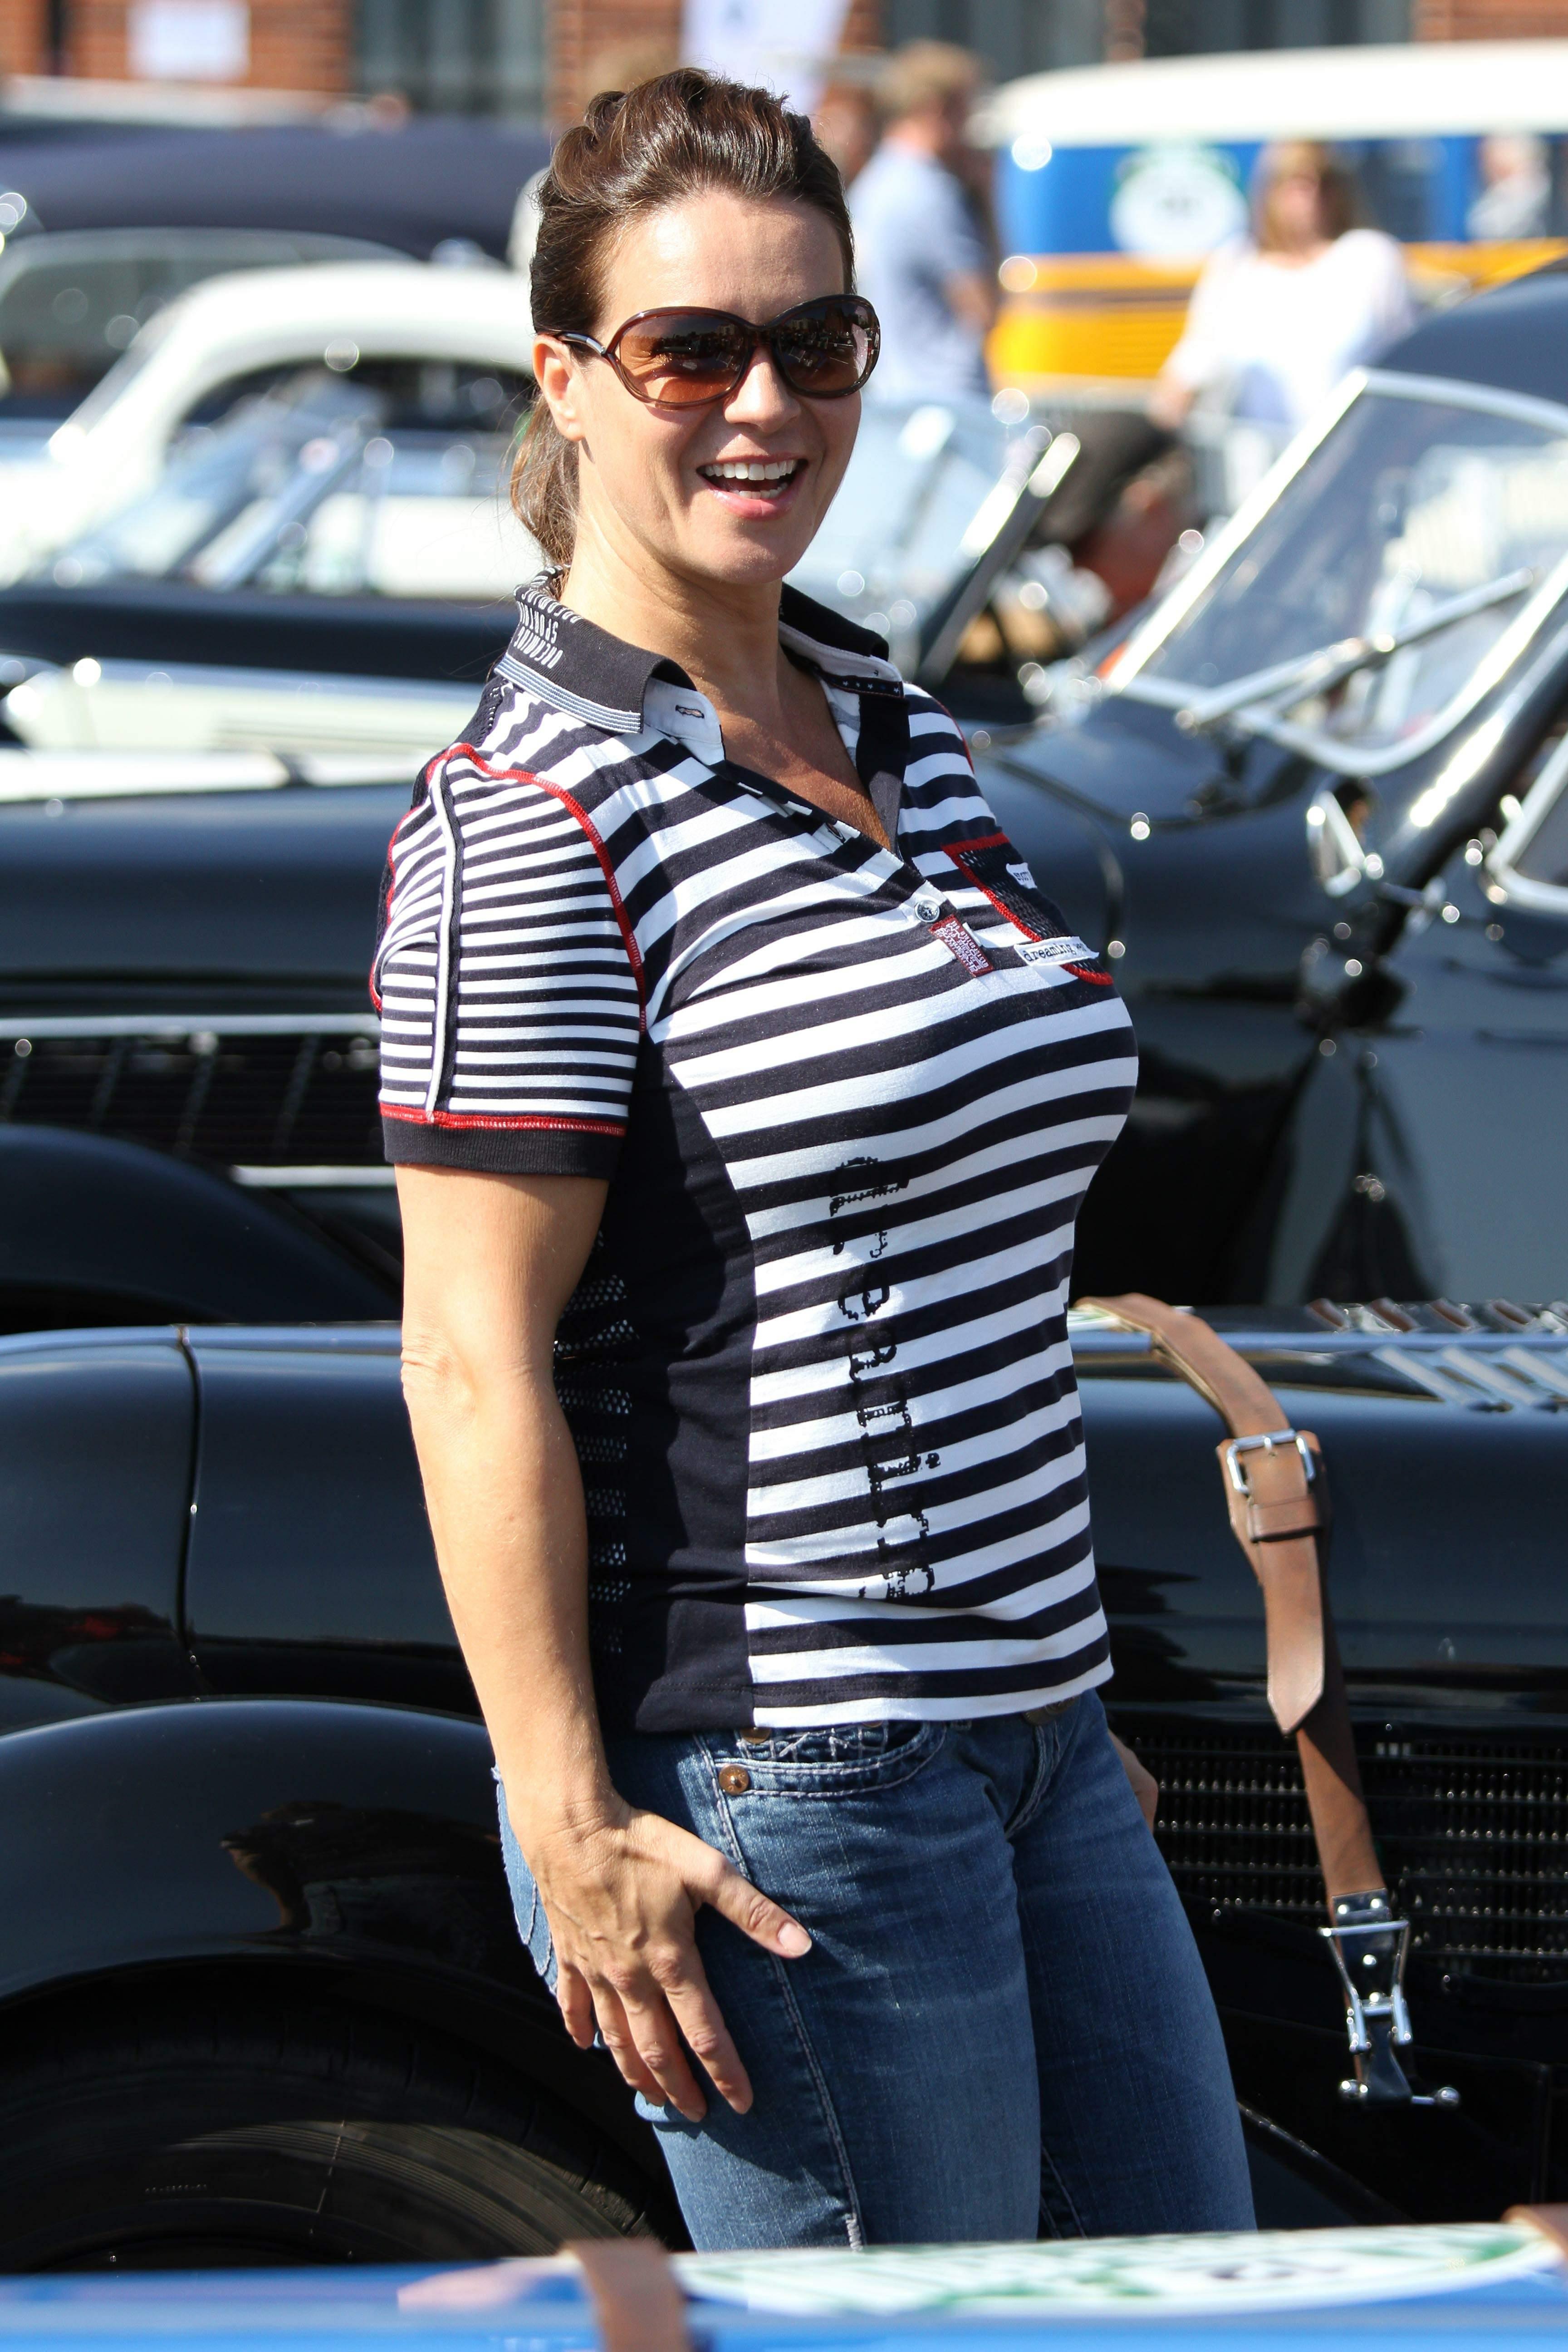 katarina witt at the oldtimer car rally hamburg berlin klassik august